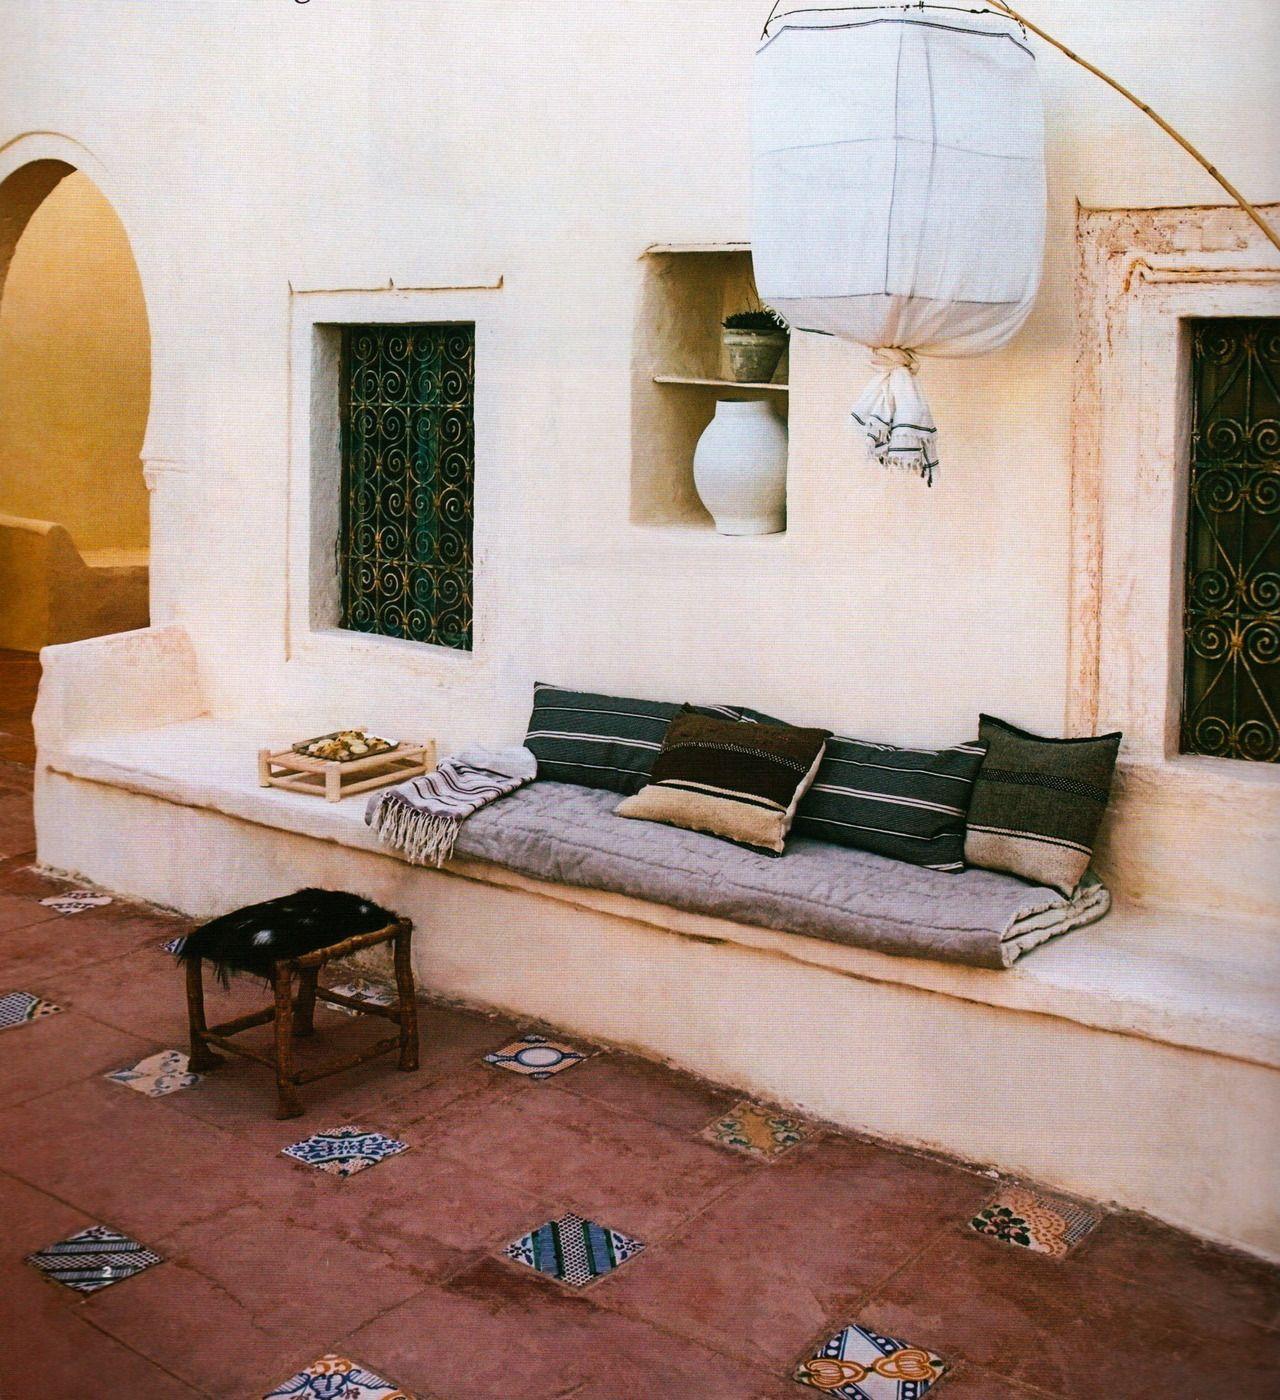 Ideas De Diseño De Jardines Residenciales: Ambiance Marocaine A Riad's Patio (marrakech